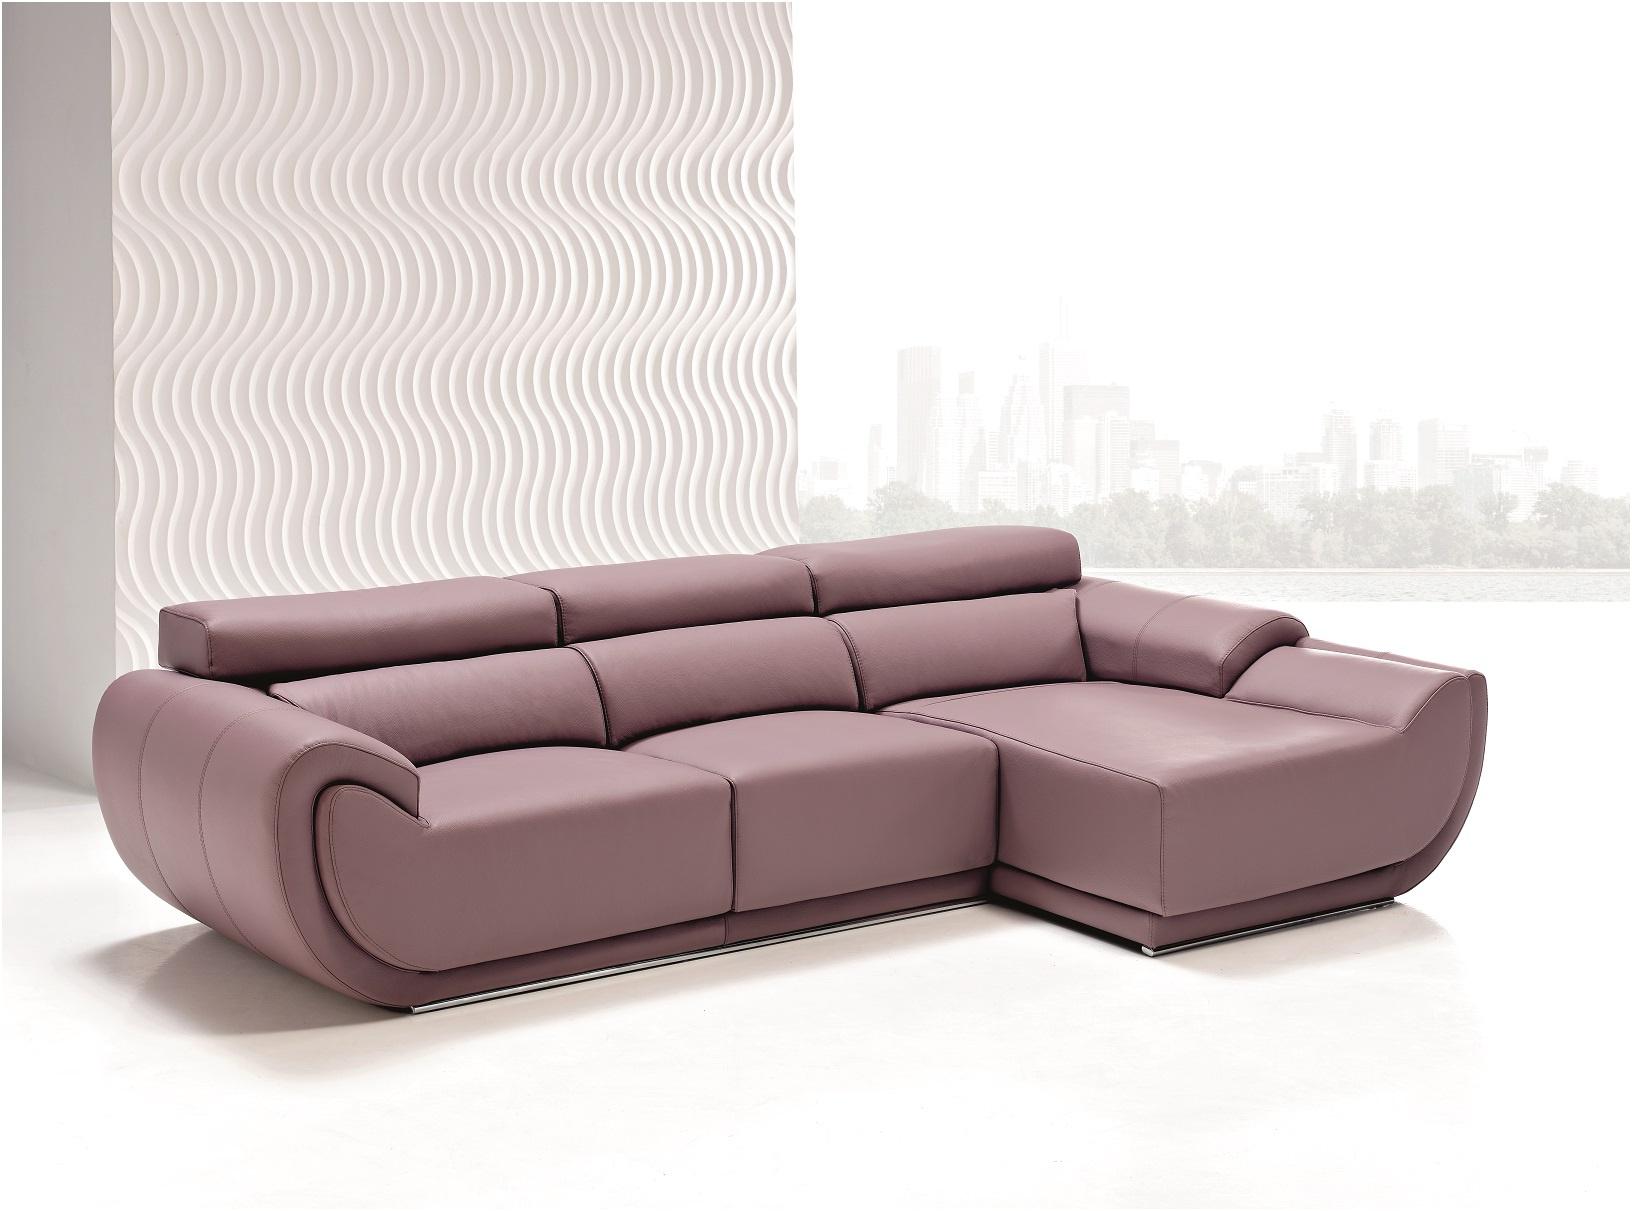 Sofas Alfafar Q5df Muebles Alfafar Outlet Agradable sofà S Con Chaise Longue sofà S